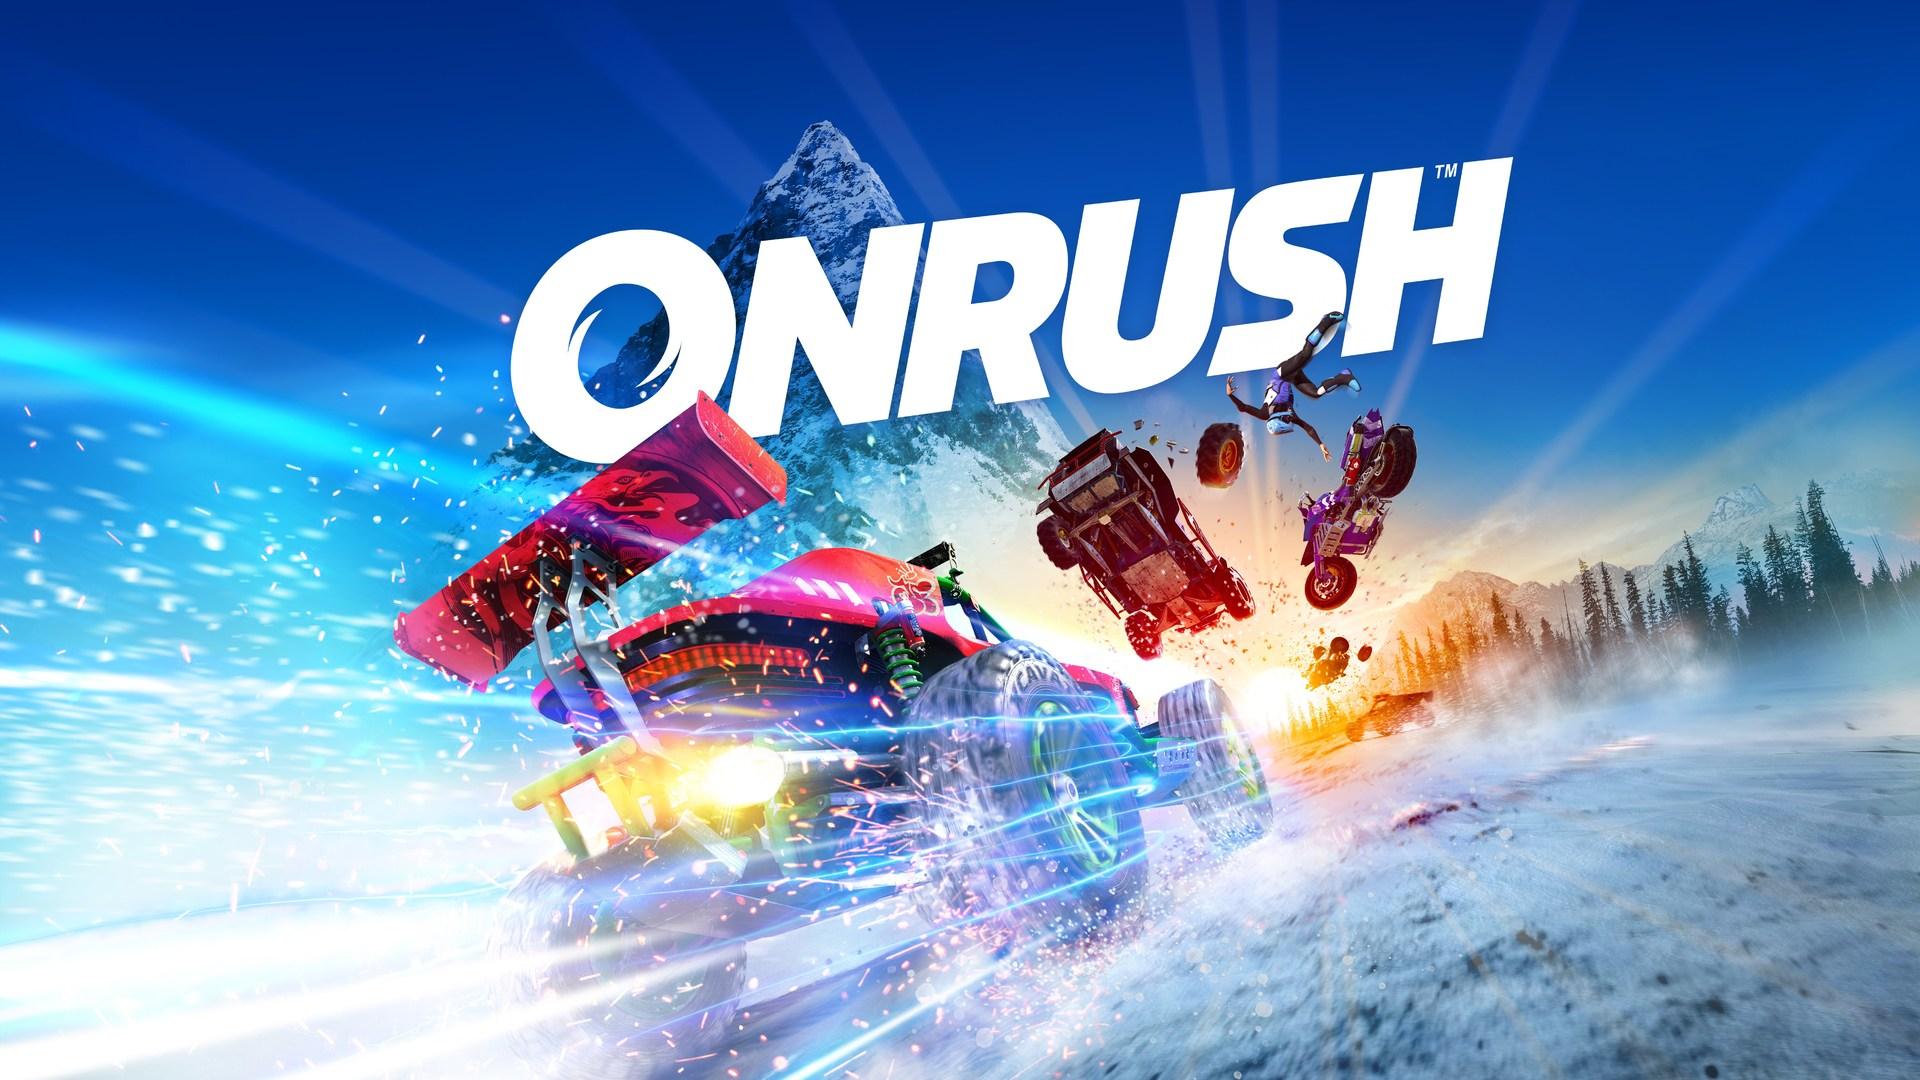 Onrush main art